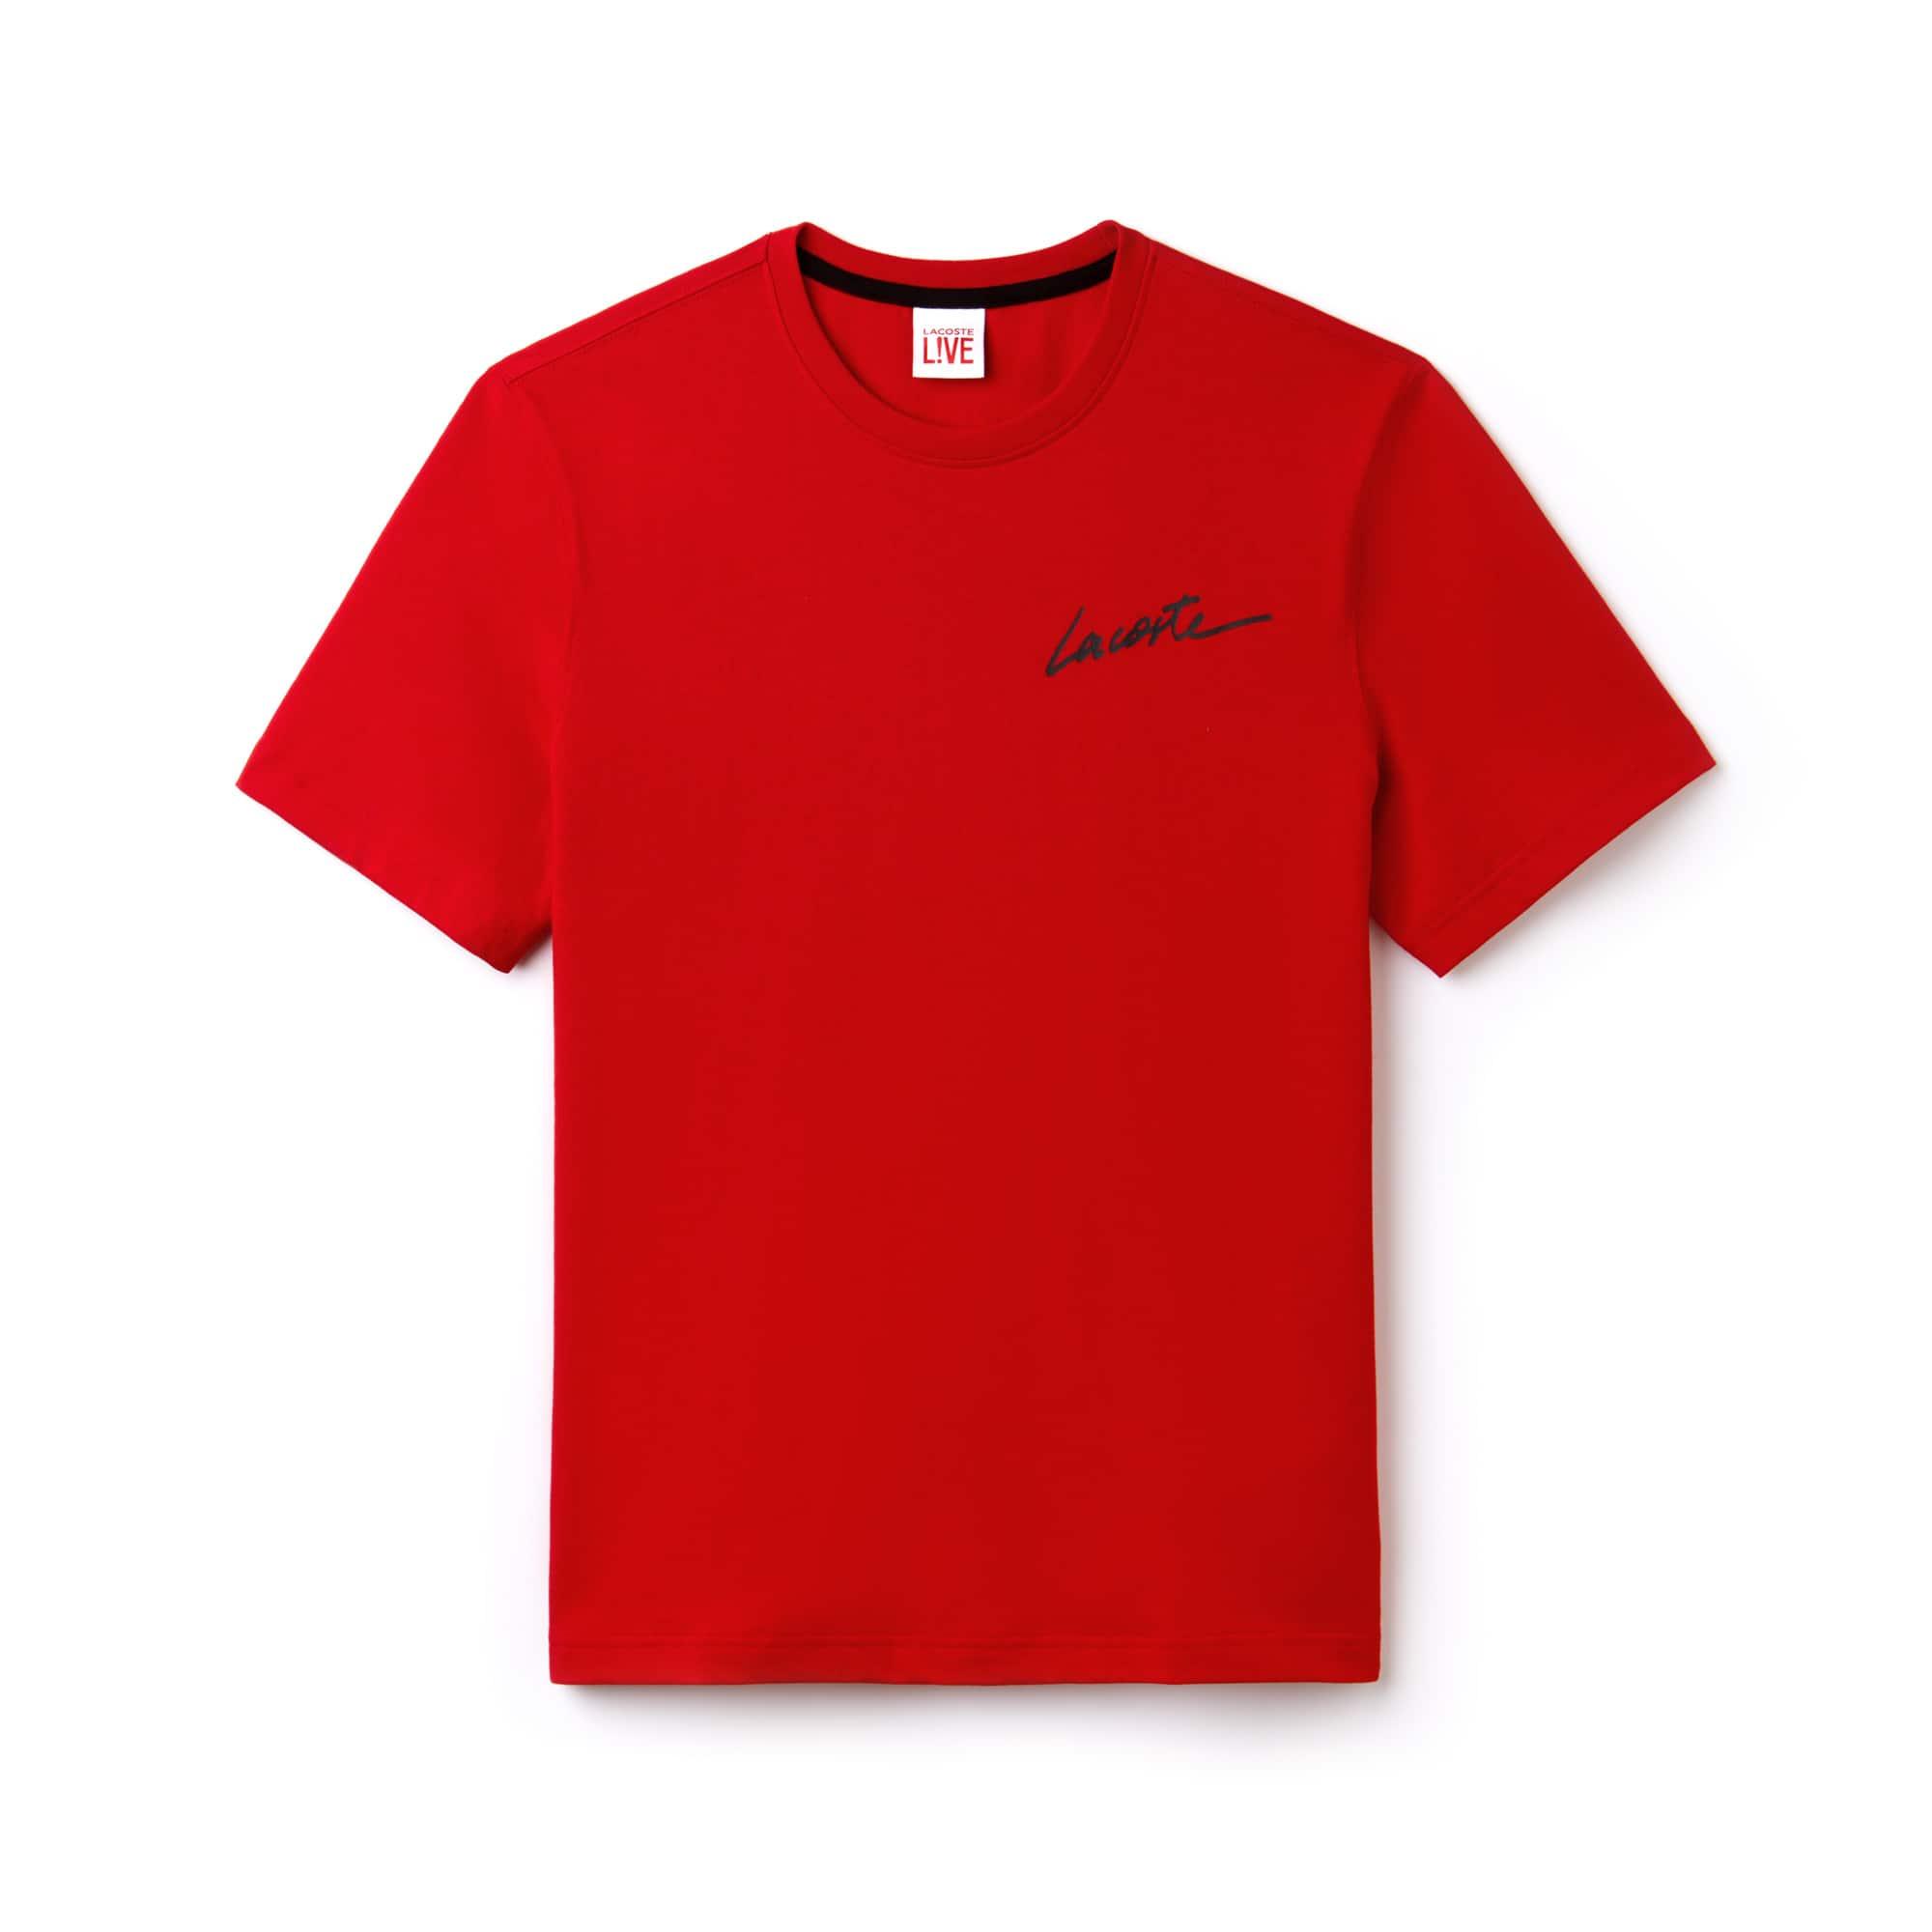 Camiseta De Hombre Lacoste LIVE En Tejido De Punto Con Firma Lacoste Y Cuello Redondo